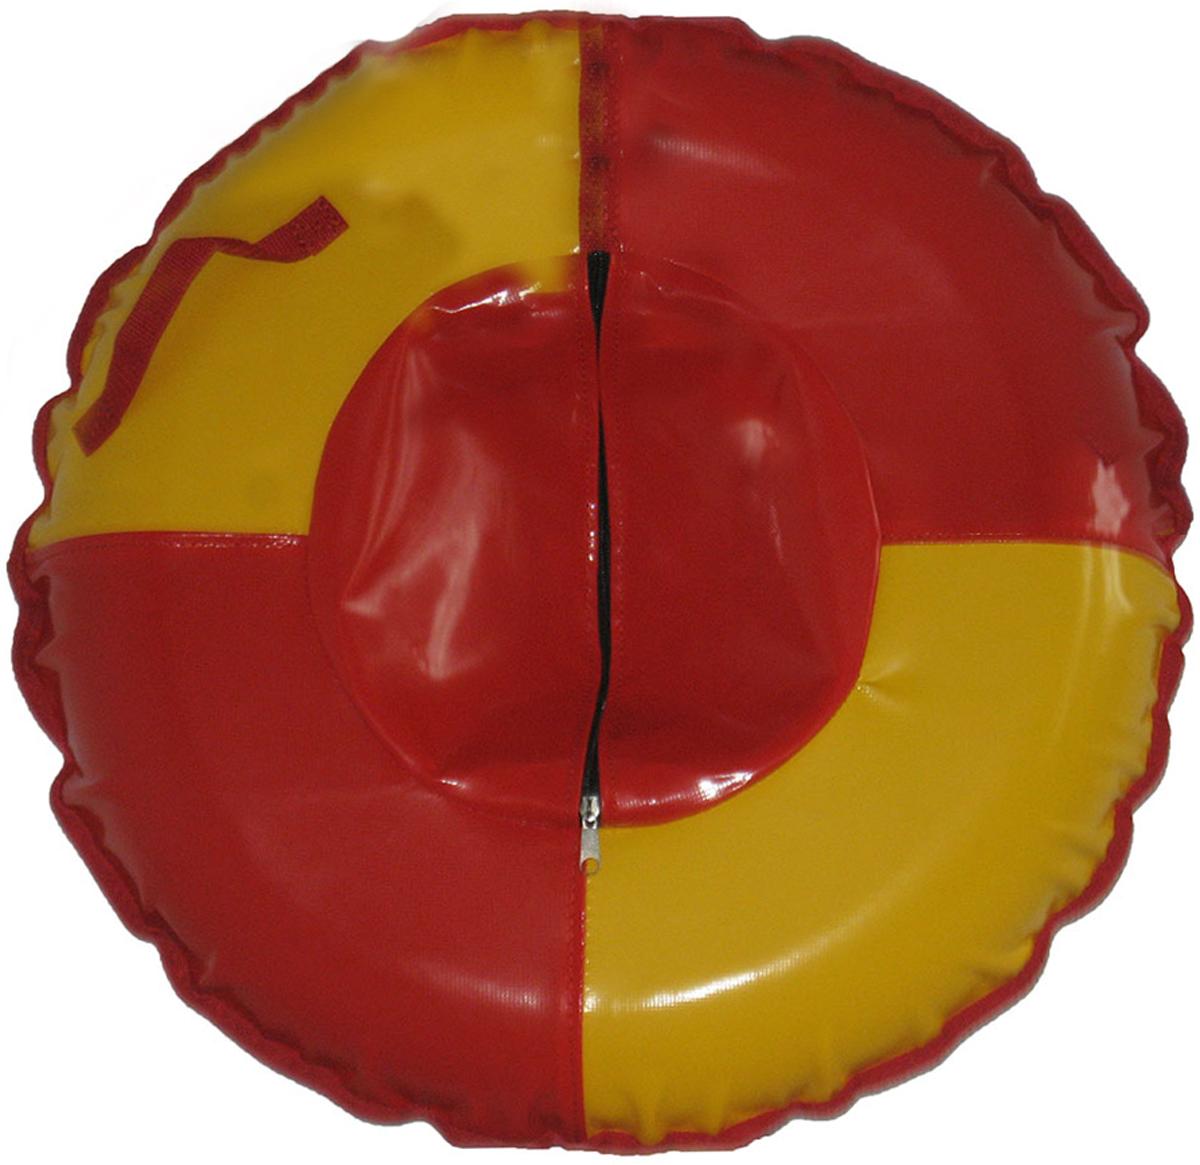 Тюбинг FormulaZima Вихрь, цвет: красный, желтый, диаметр 80 см55017-1Не убиваемый детский тюбинг для катания со снежных горок, выполненный полностью из прочного ПВХ — это модель «Вихрь 80».